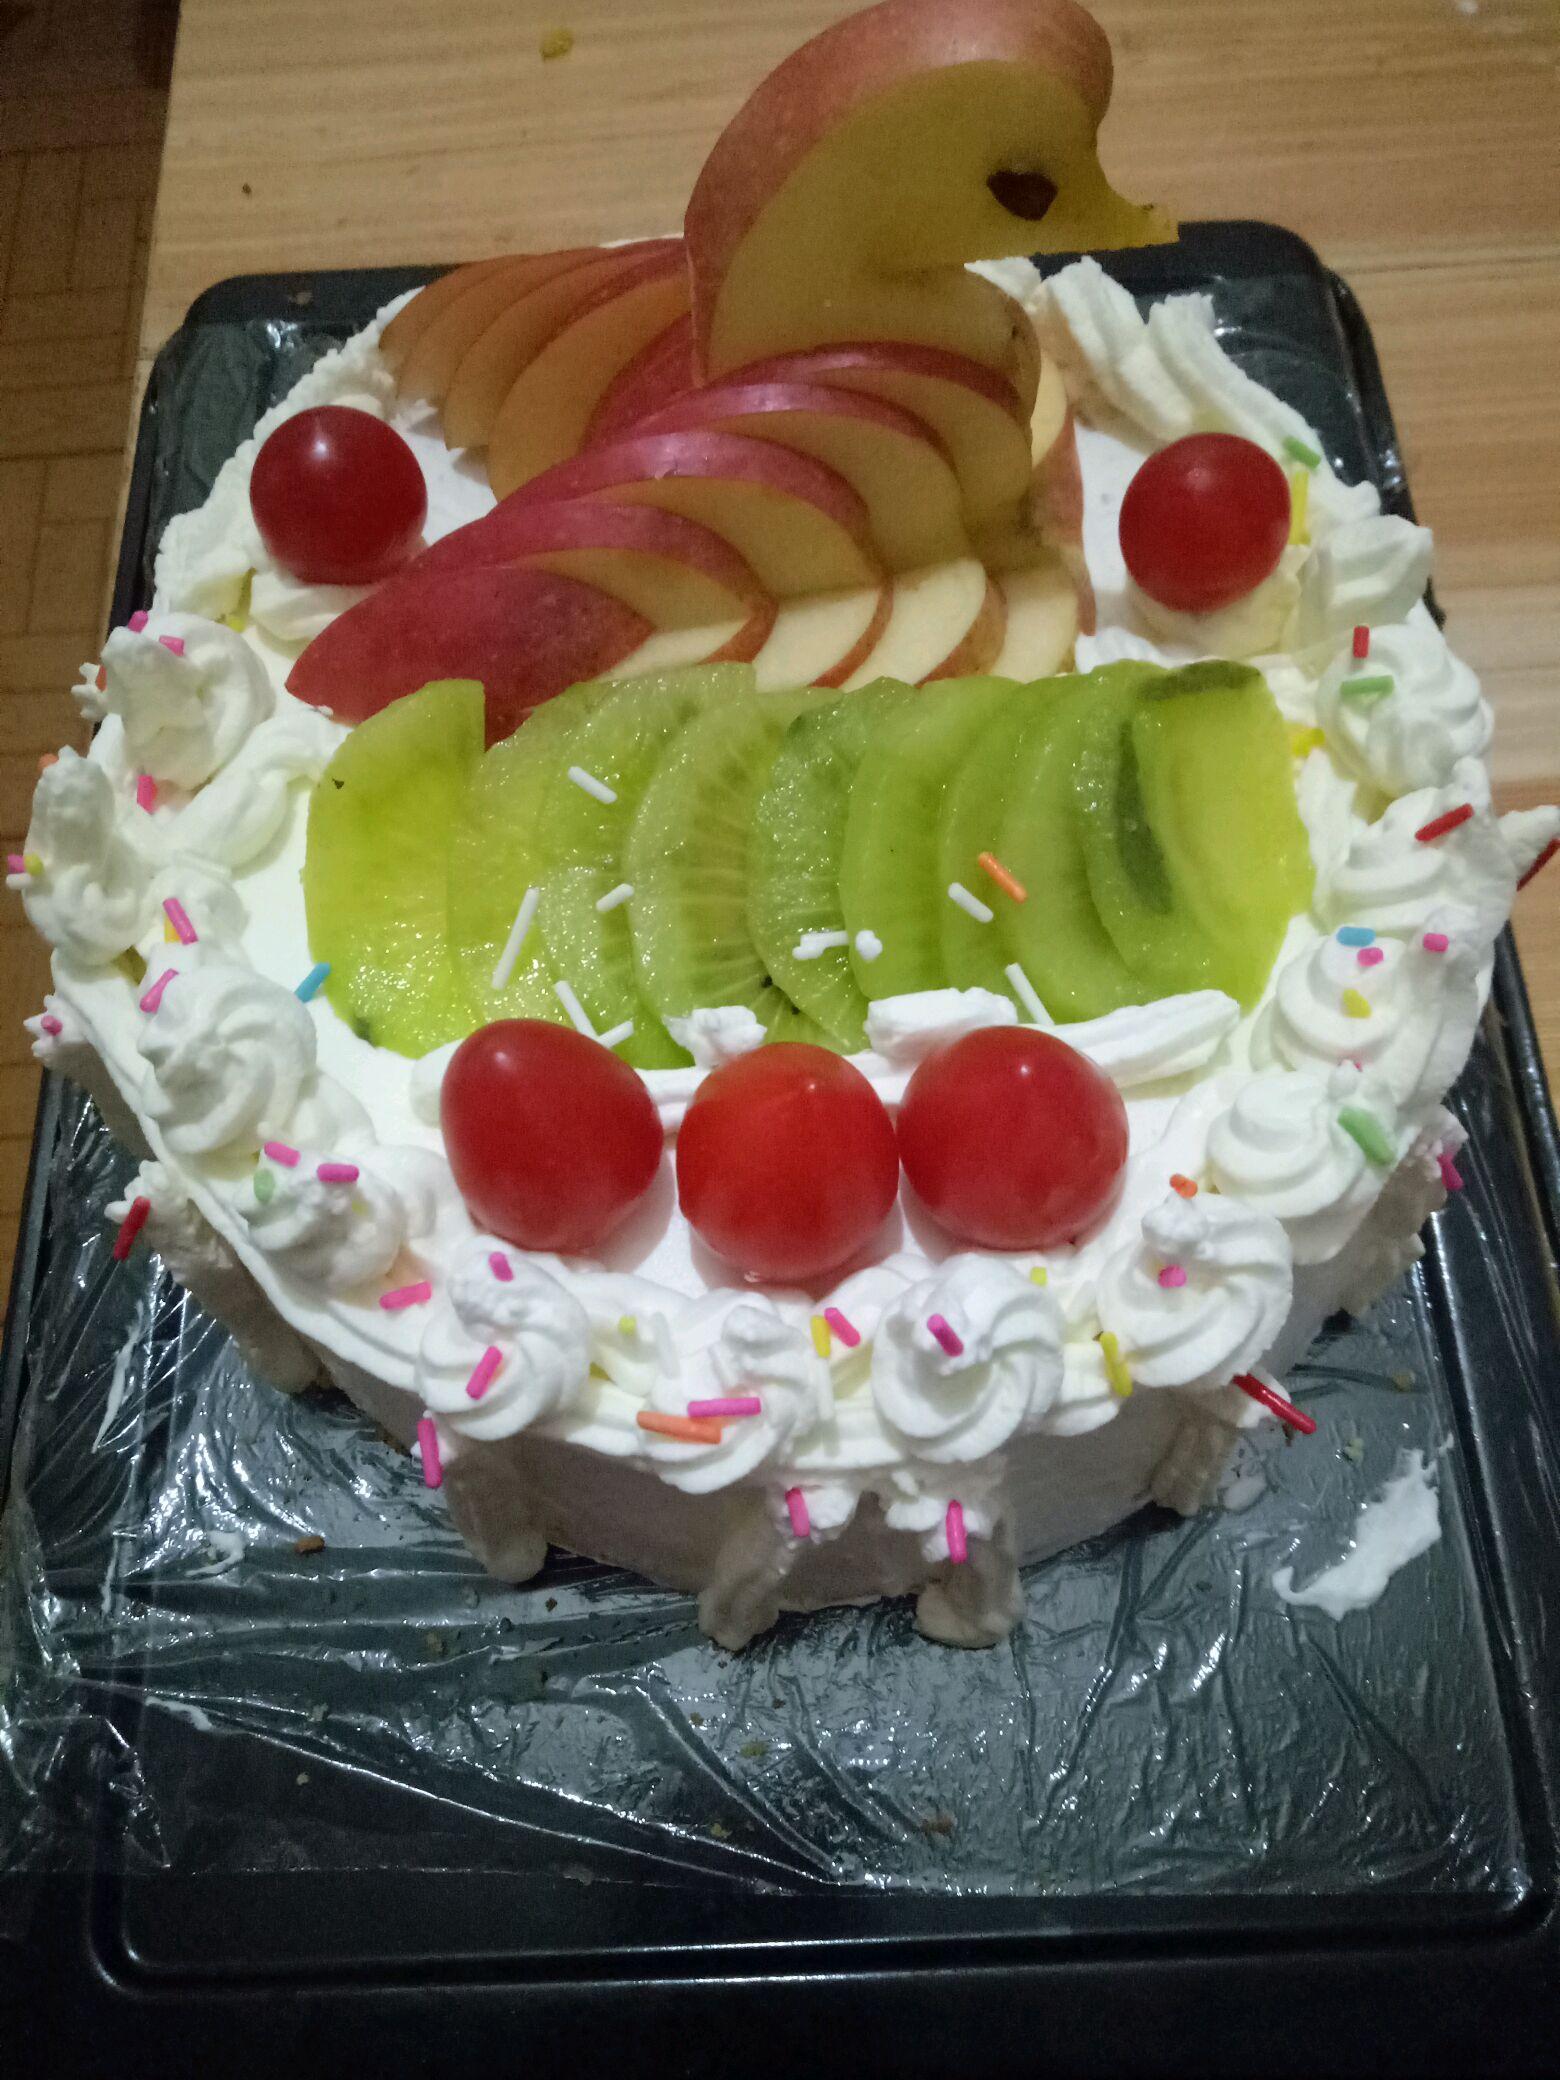 水果适量 淡奶油500g 蛋糕装饰彩针适量 女神节-天鹅蛋糕的做法步骤